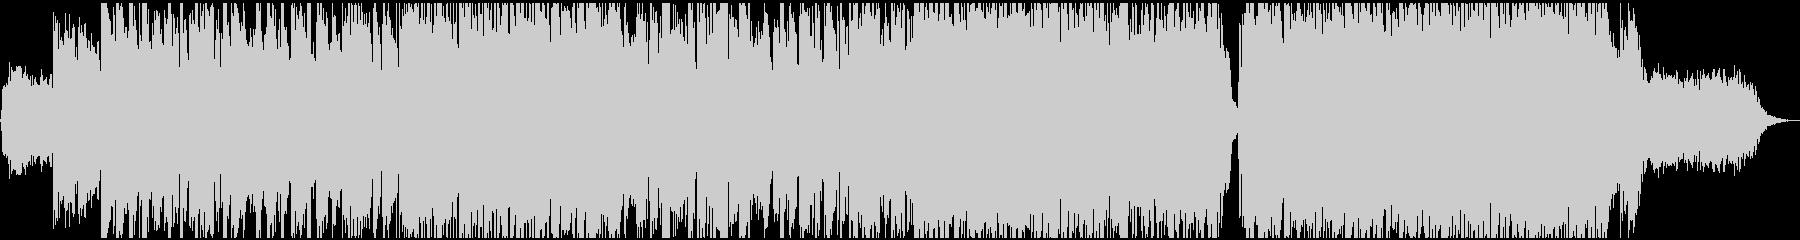 スペーシーなムードのポップ/ロック...の未再生の波形